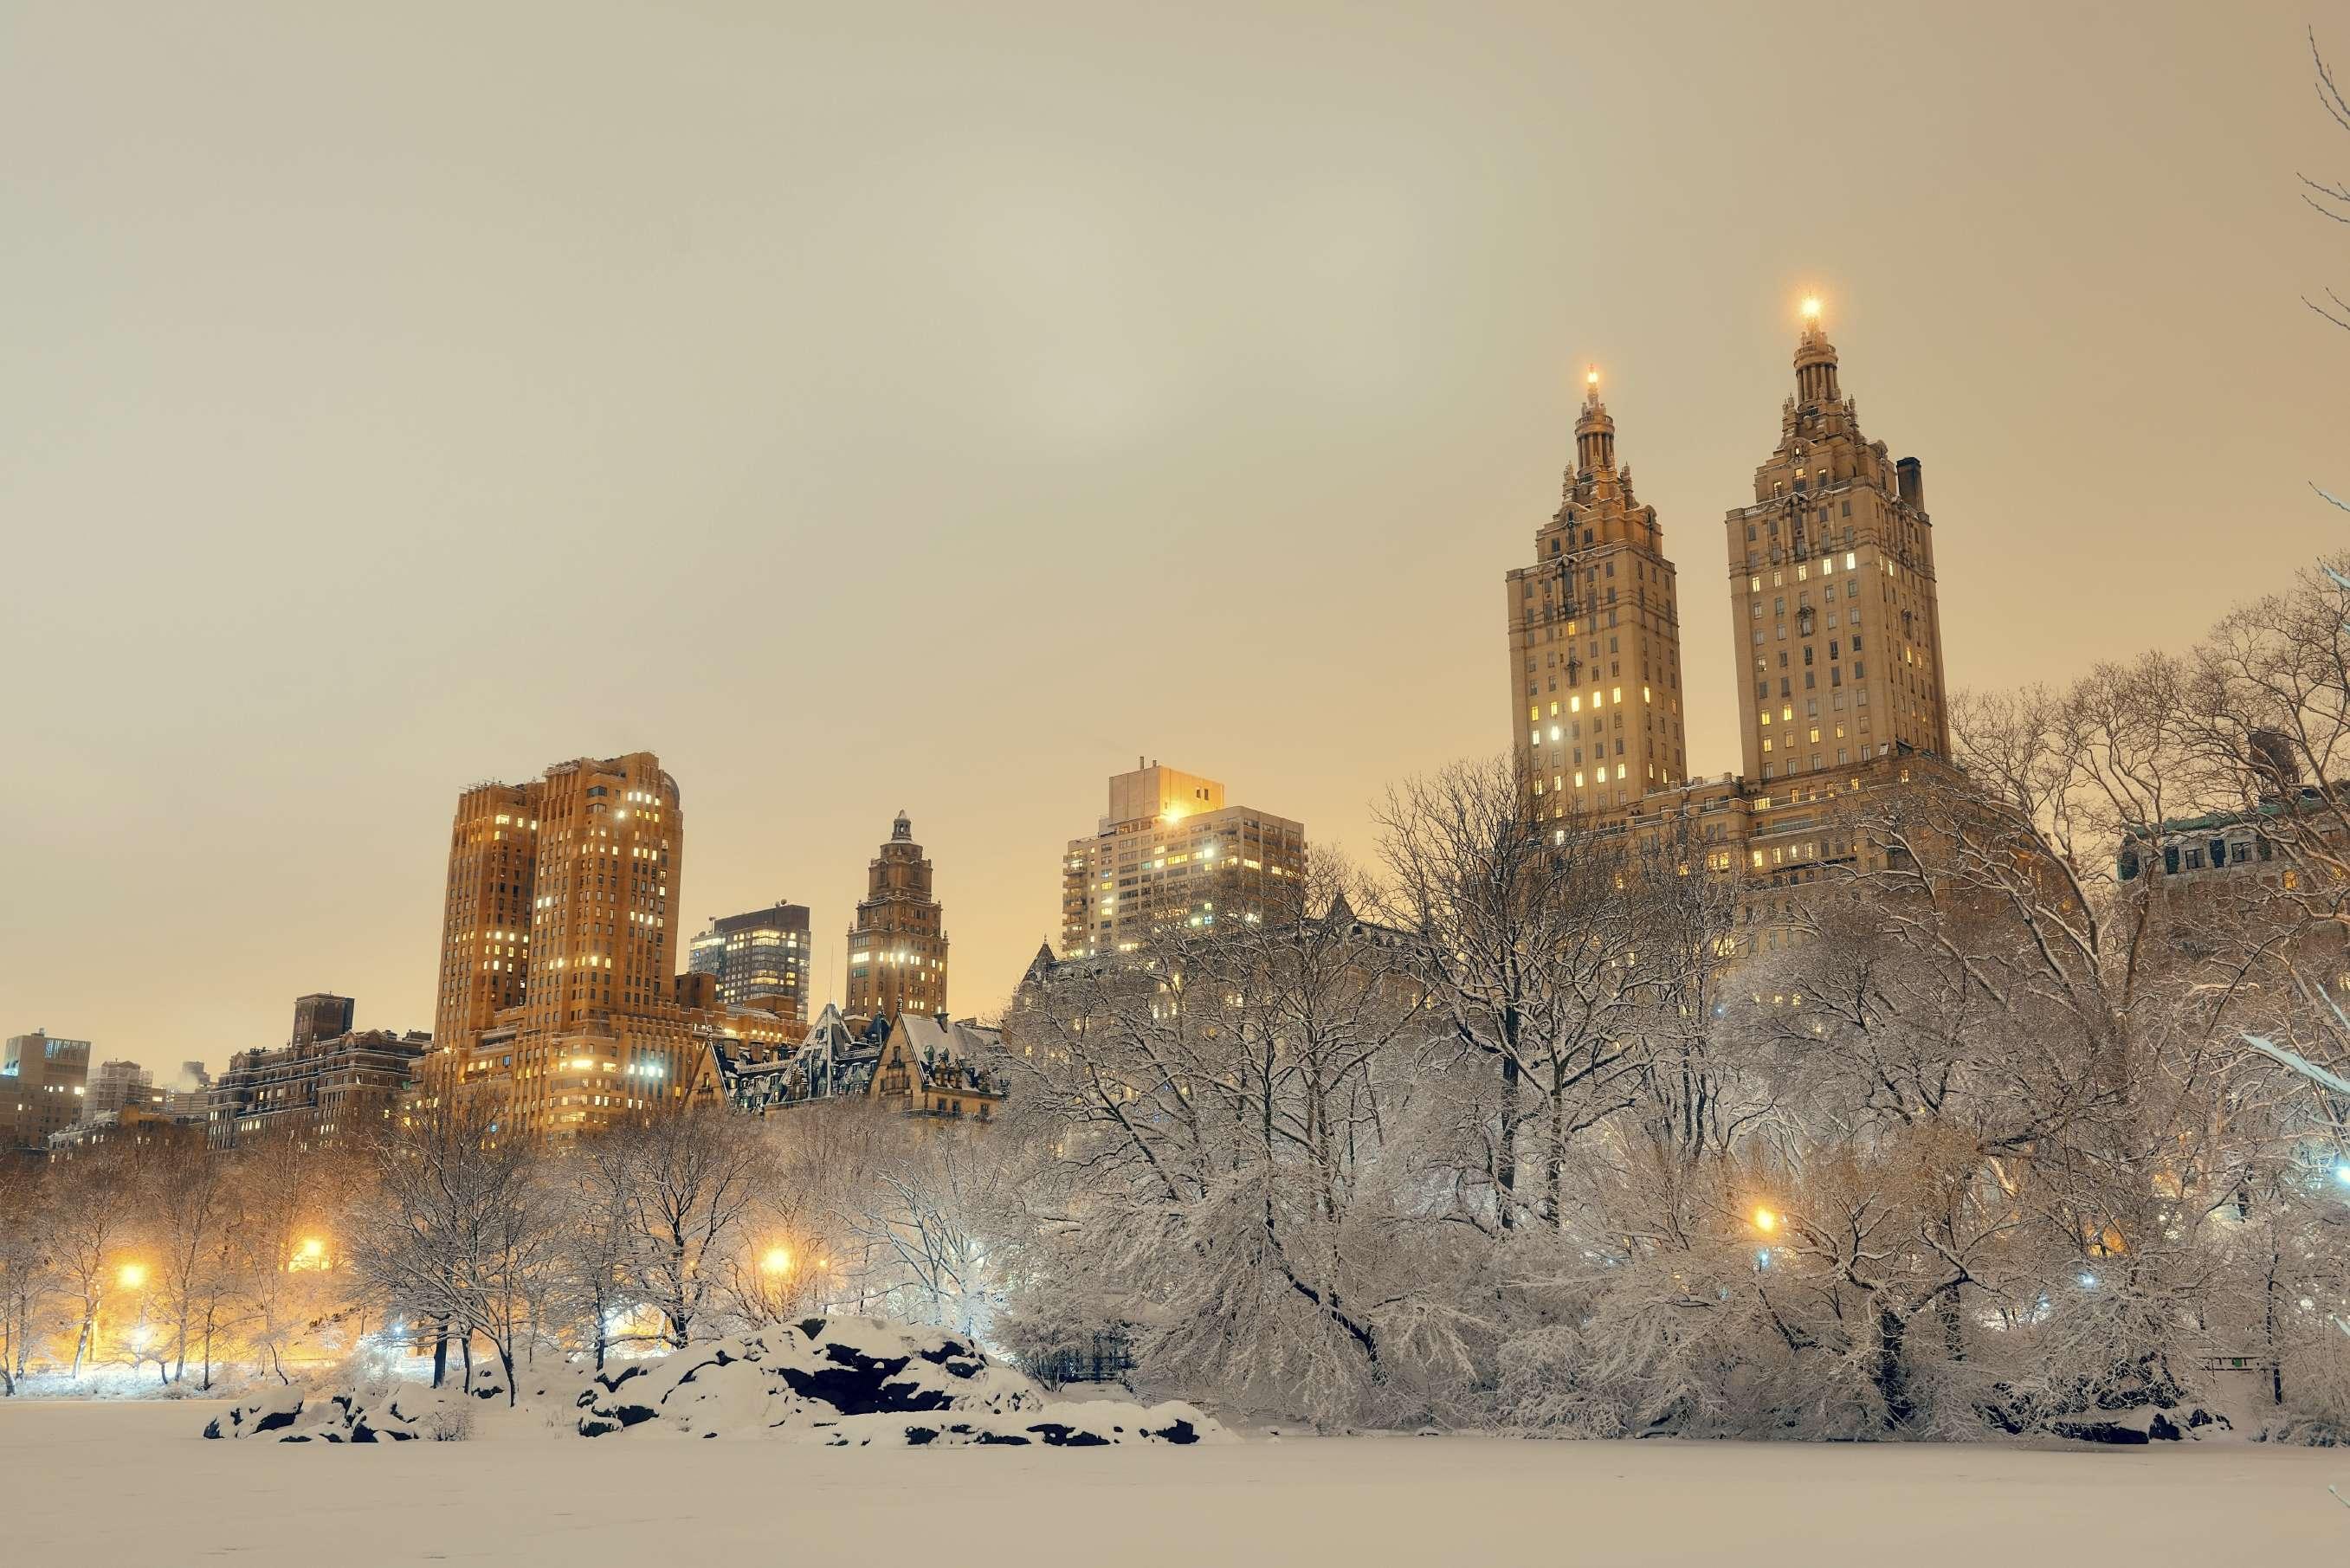 Nueva York es una de las ciudades más bonitas bajo la nieve. Foto: iStock